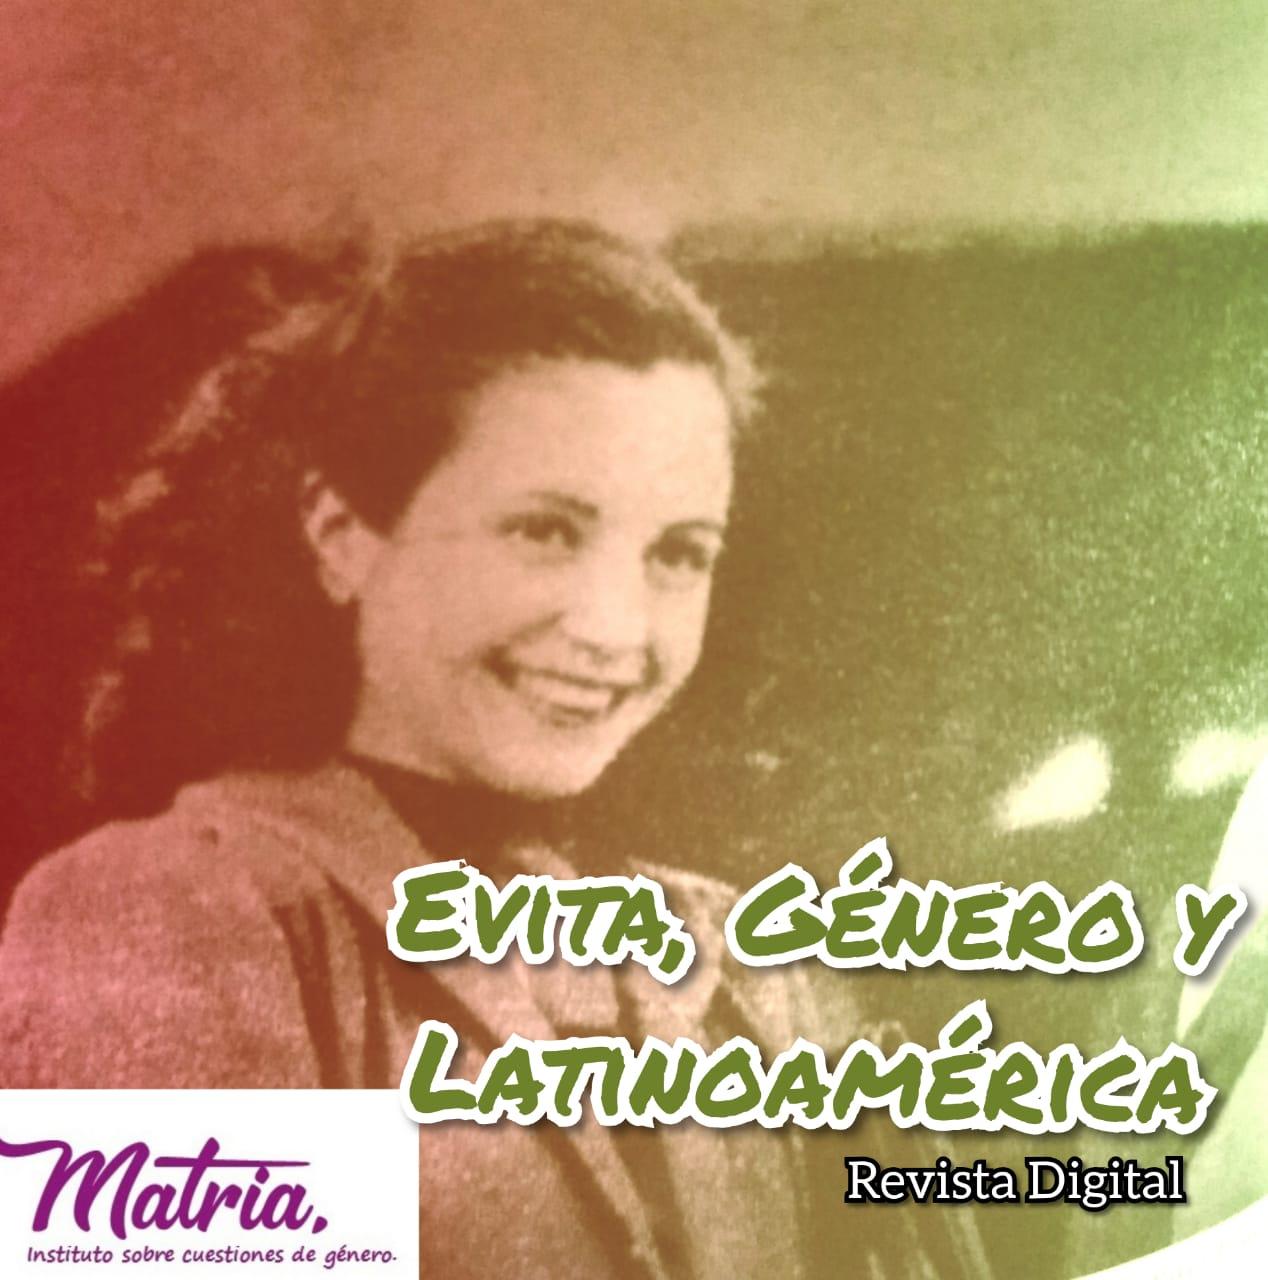 """lanzamiento revista digital """"Evita, Género y Latinoamérica"""""""